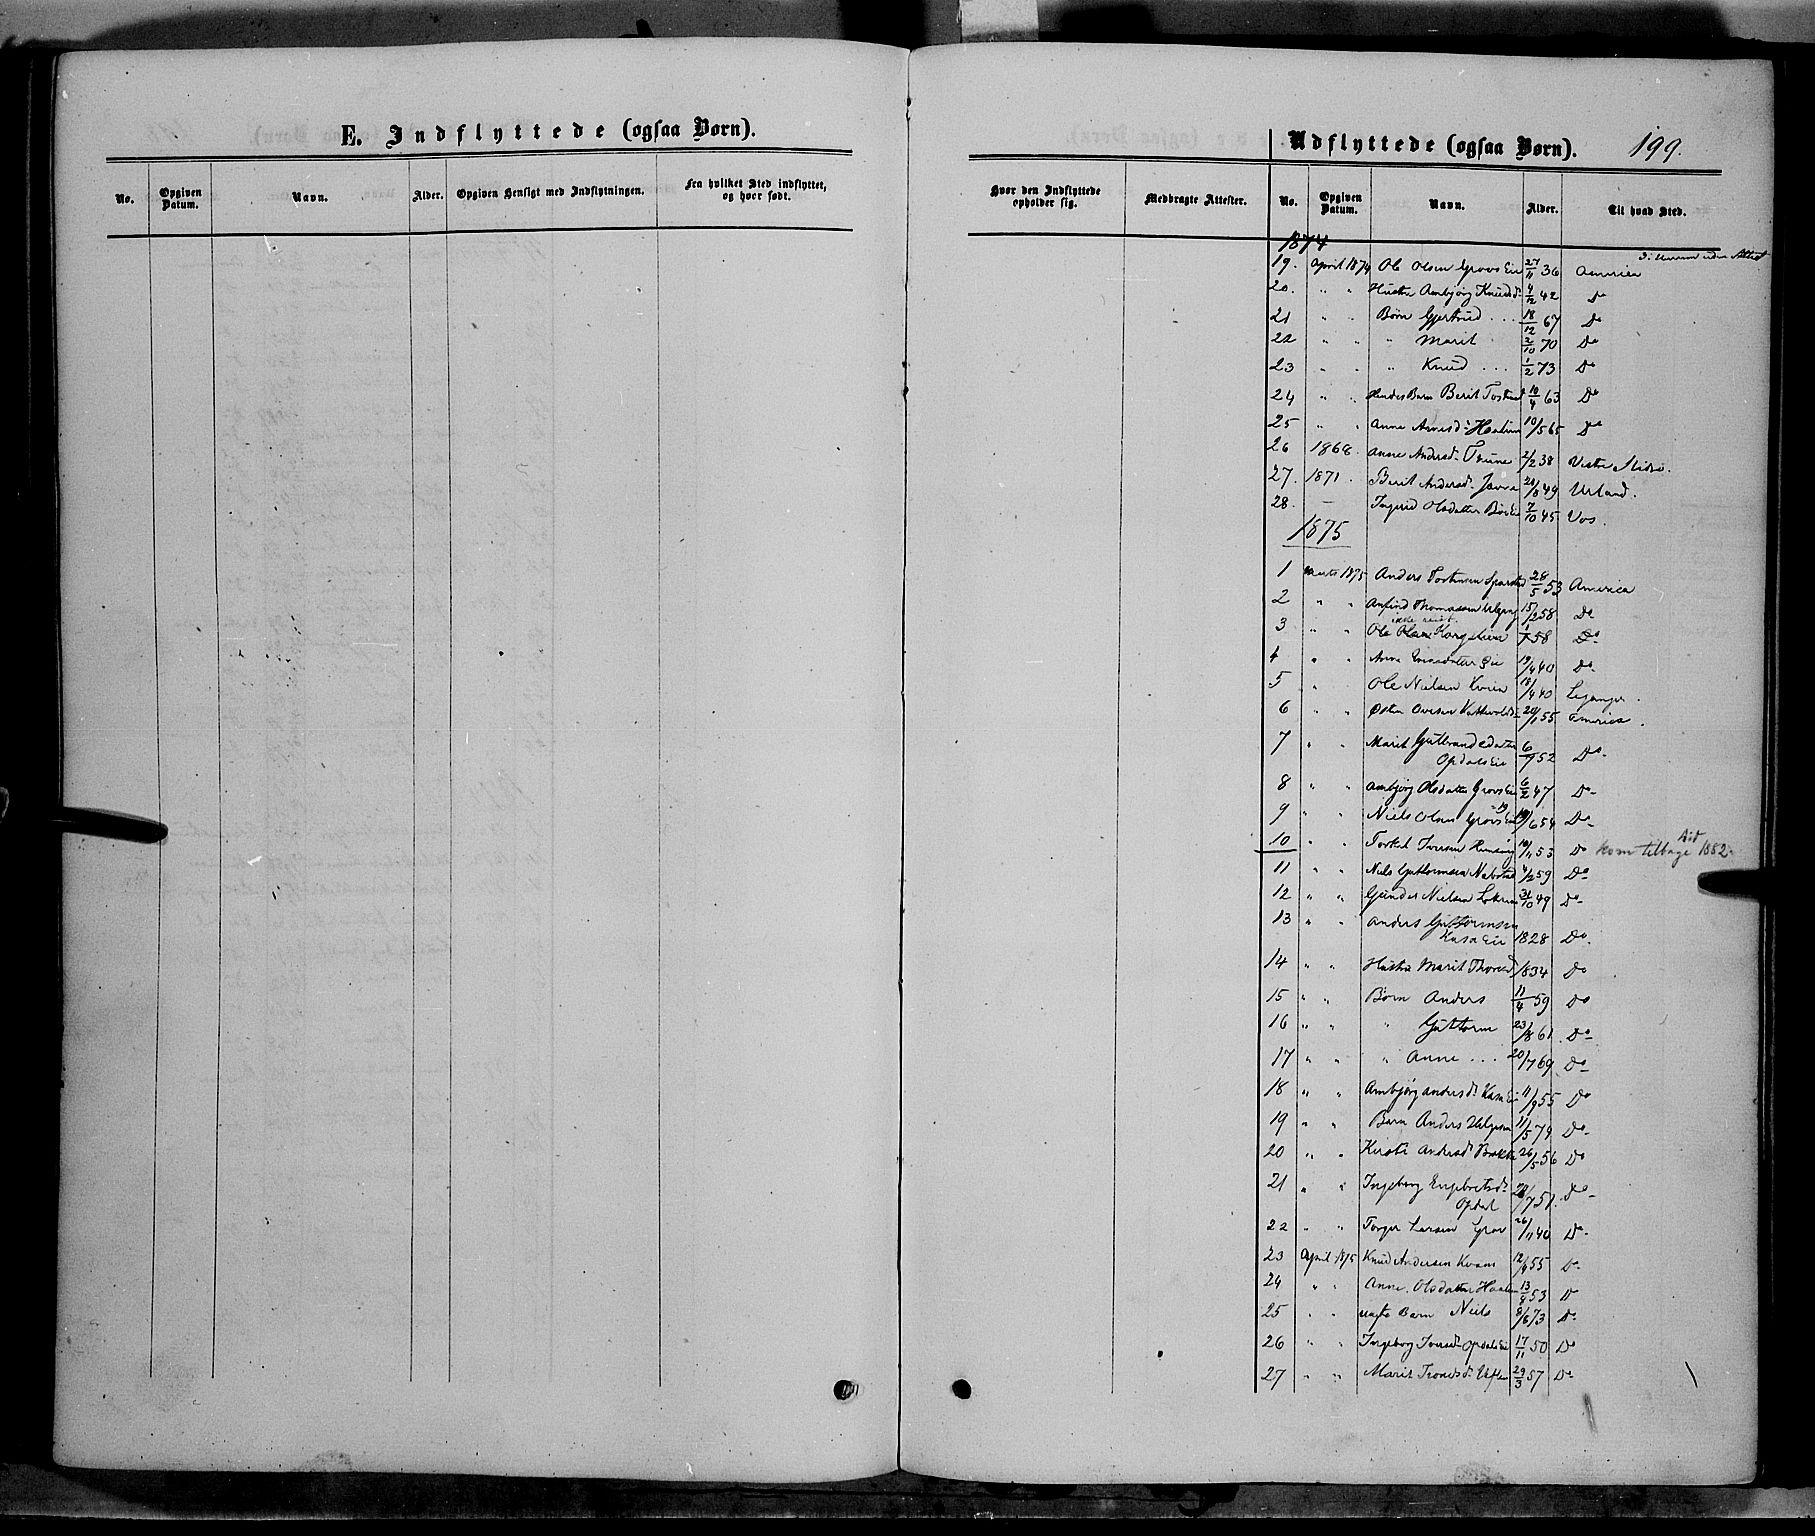 SAH, Vang prestekontor, Valdres, Ministerialbok nr. 7, 1865-1881, s. 199